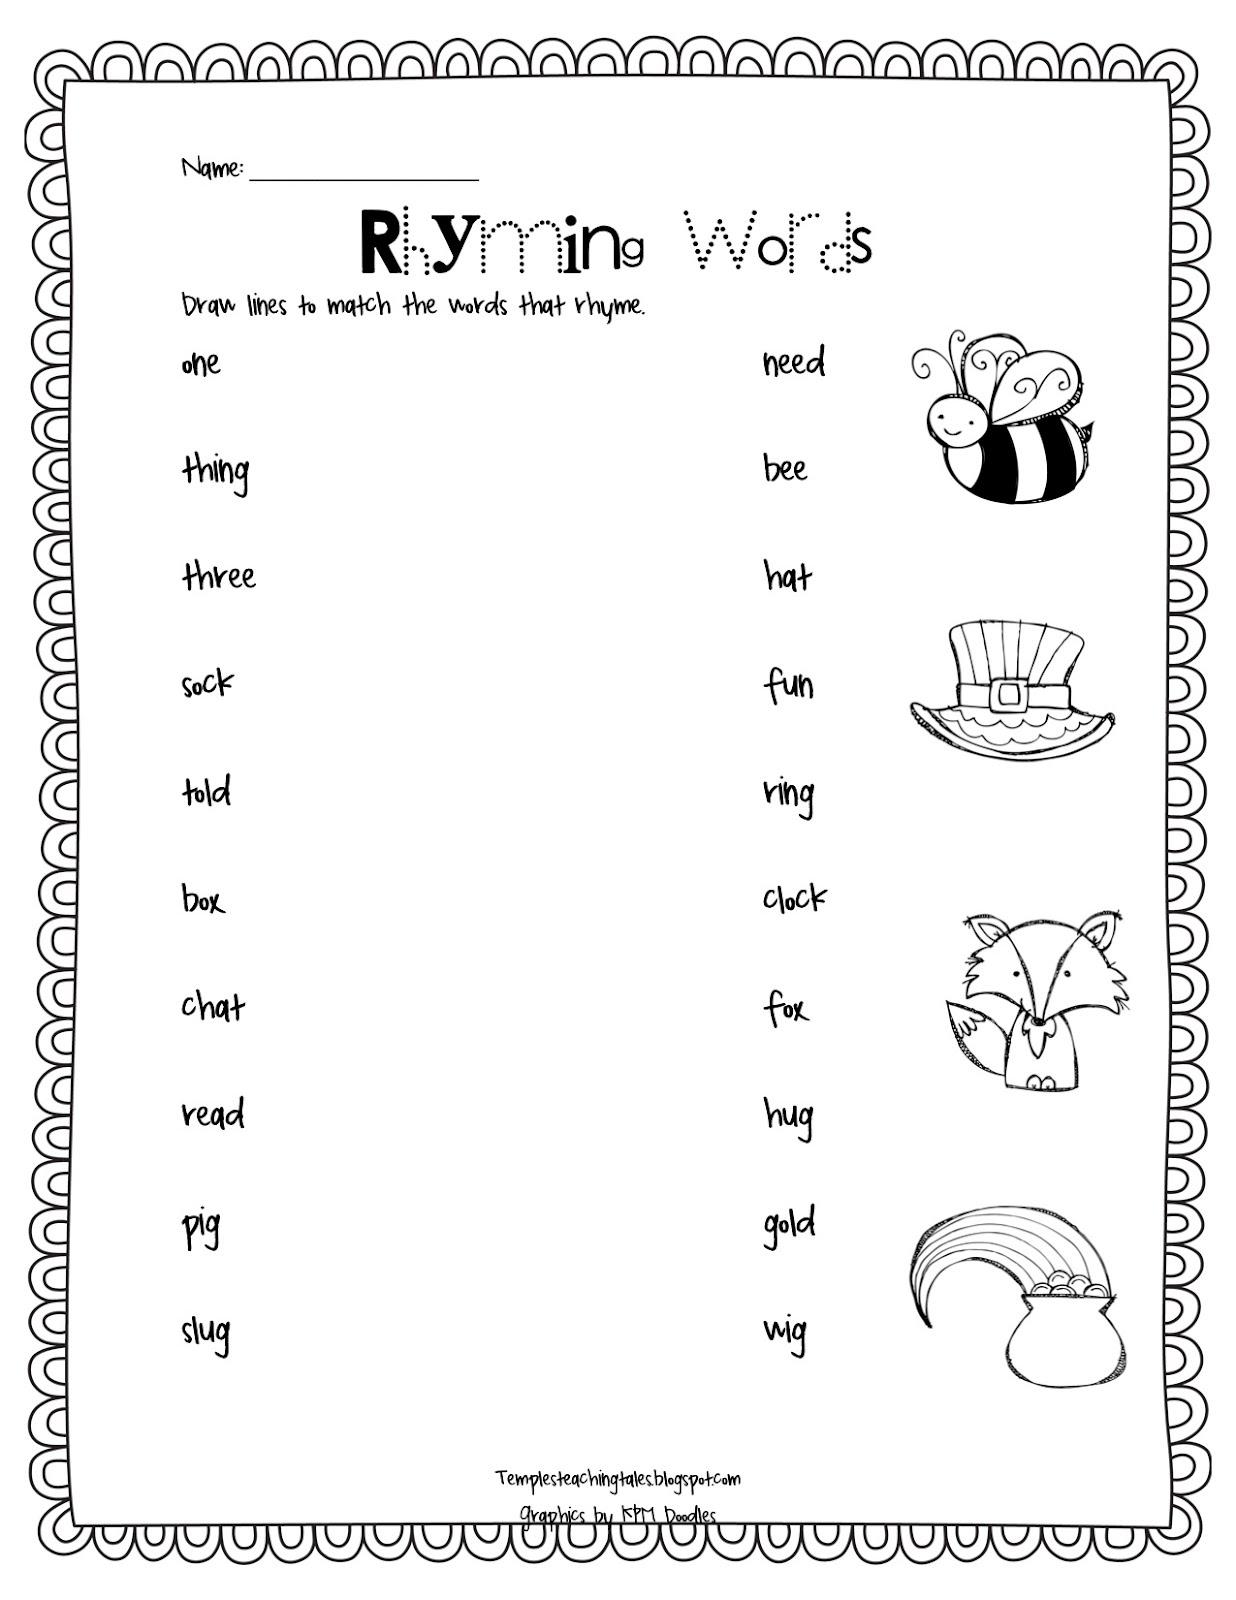 Rhyming Words Worksheet Grade 1 - Reocurent